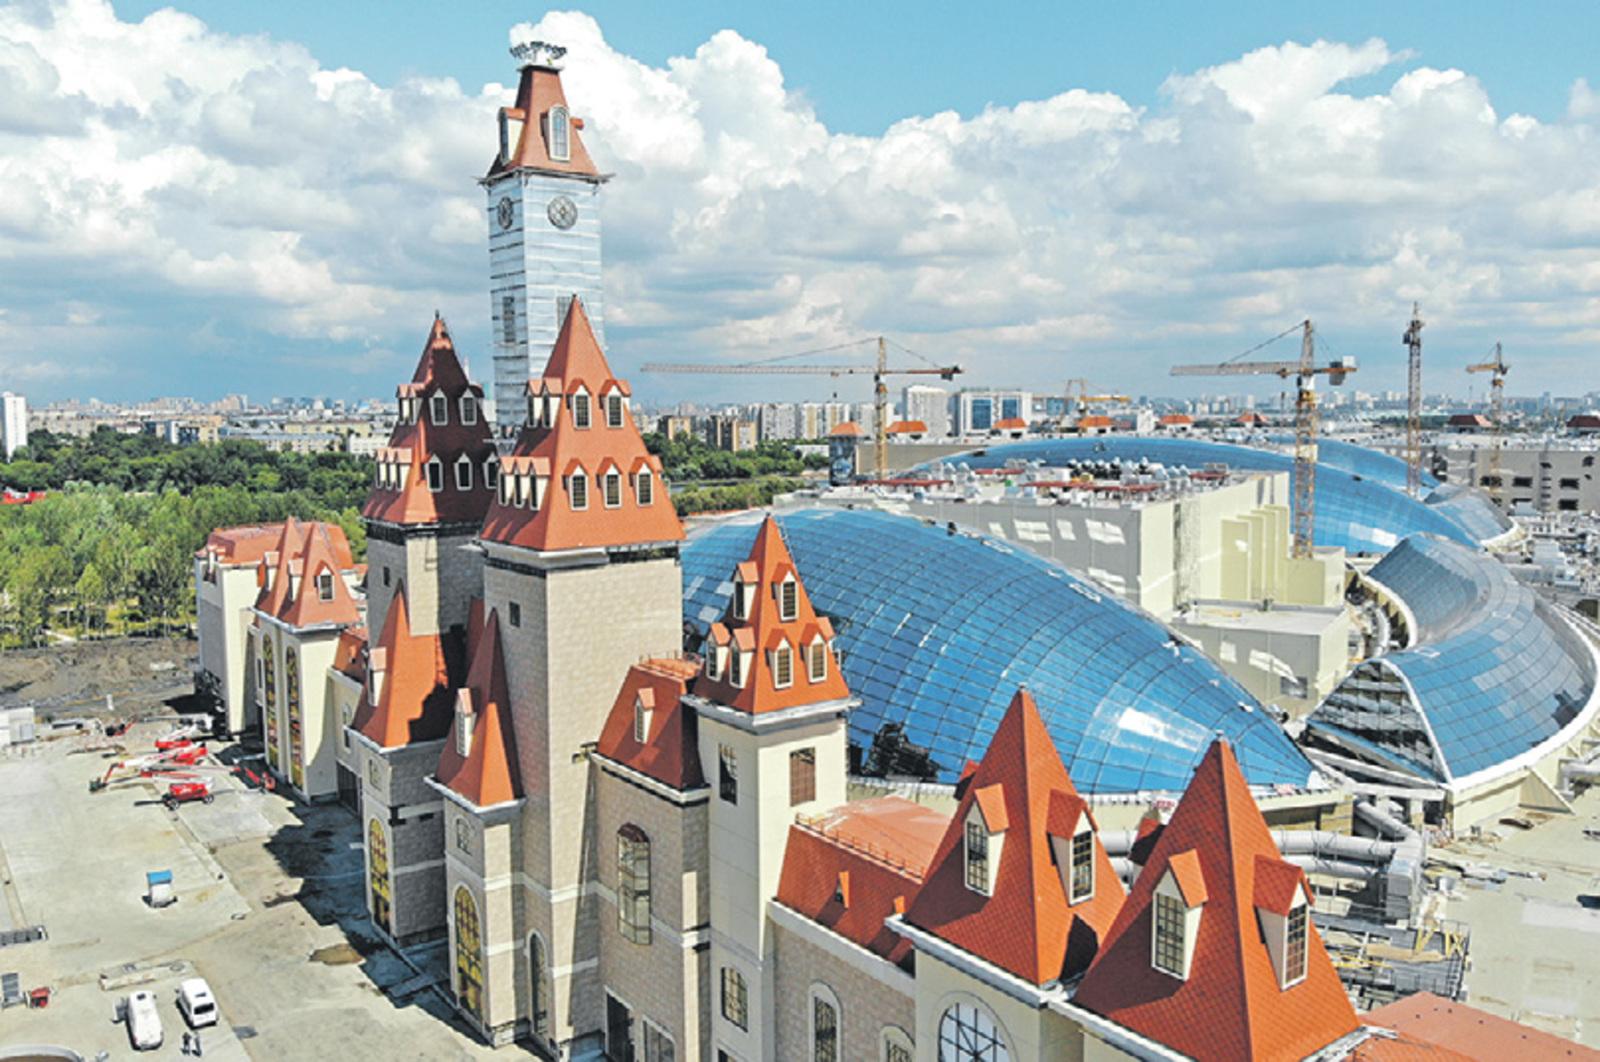 «Остров мечты» станет первым паром развлечений мирового уровня в России, а также крупнейшим в Европе и Азии и крытым всесезонным тематическим парком